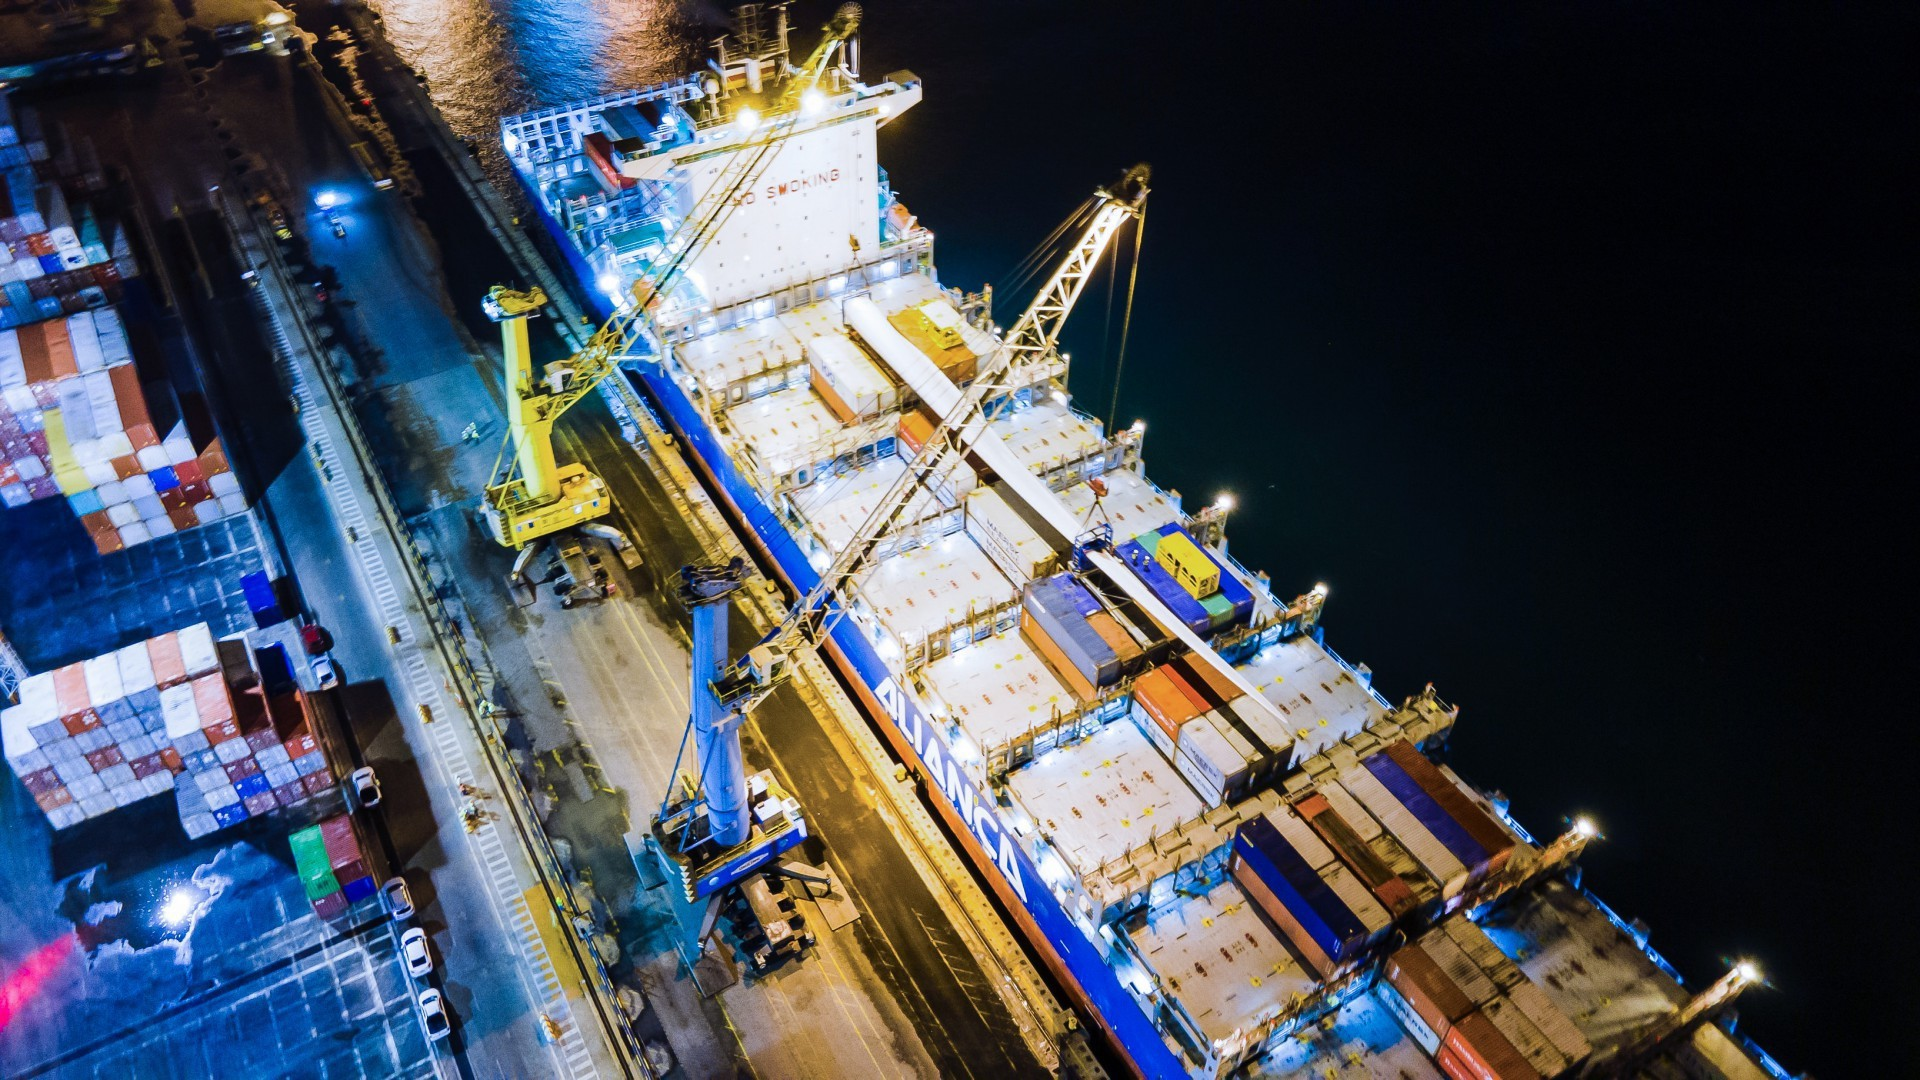 Pás eólicas representaram o segundo item de maior participação nas exportações cearenses (Foto: Arquivo APM Terminals/Divulgação)